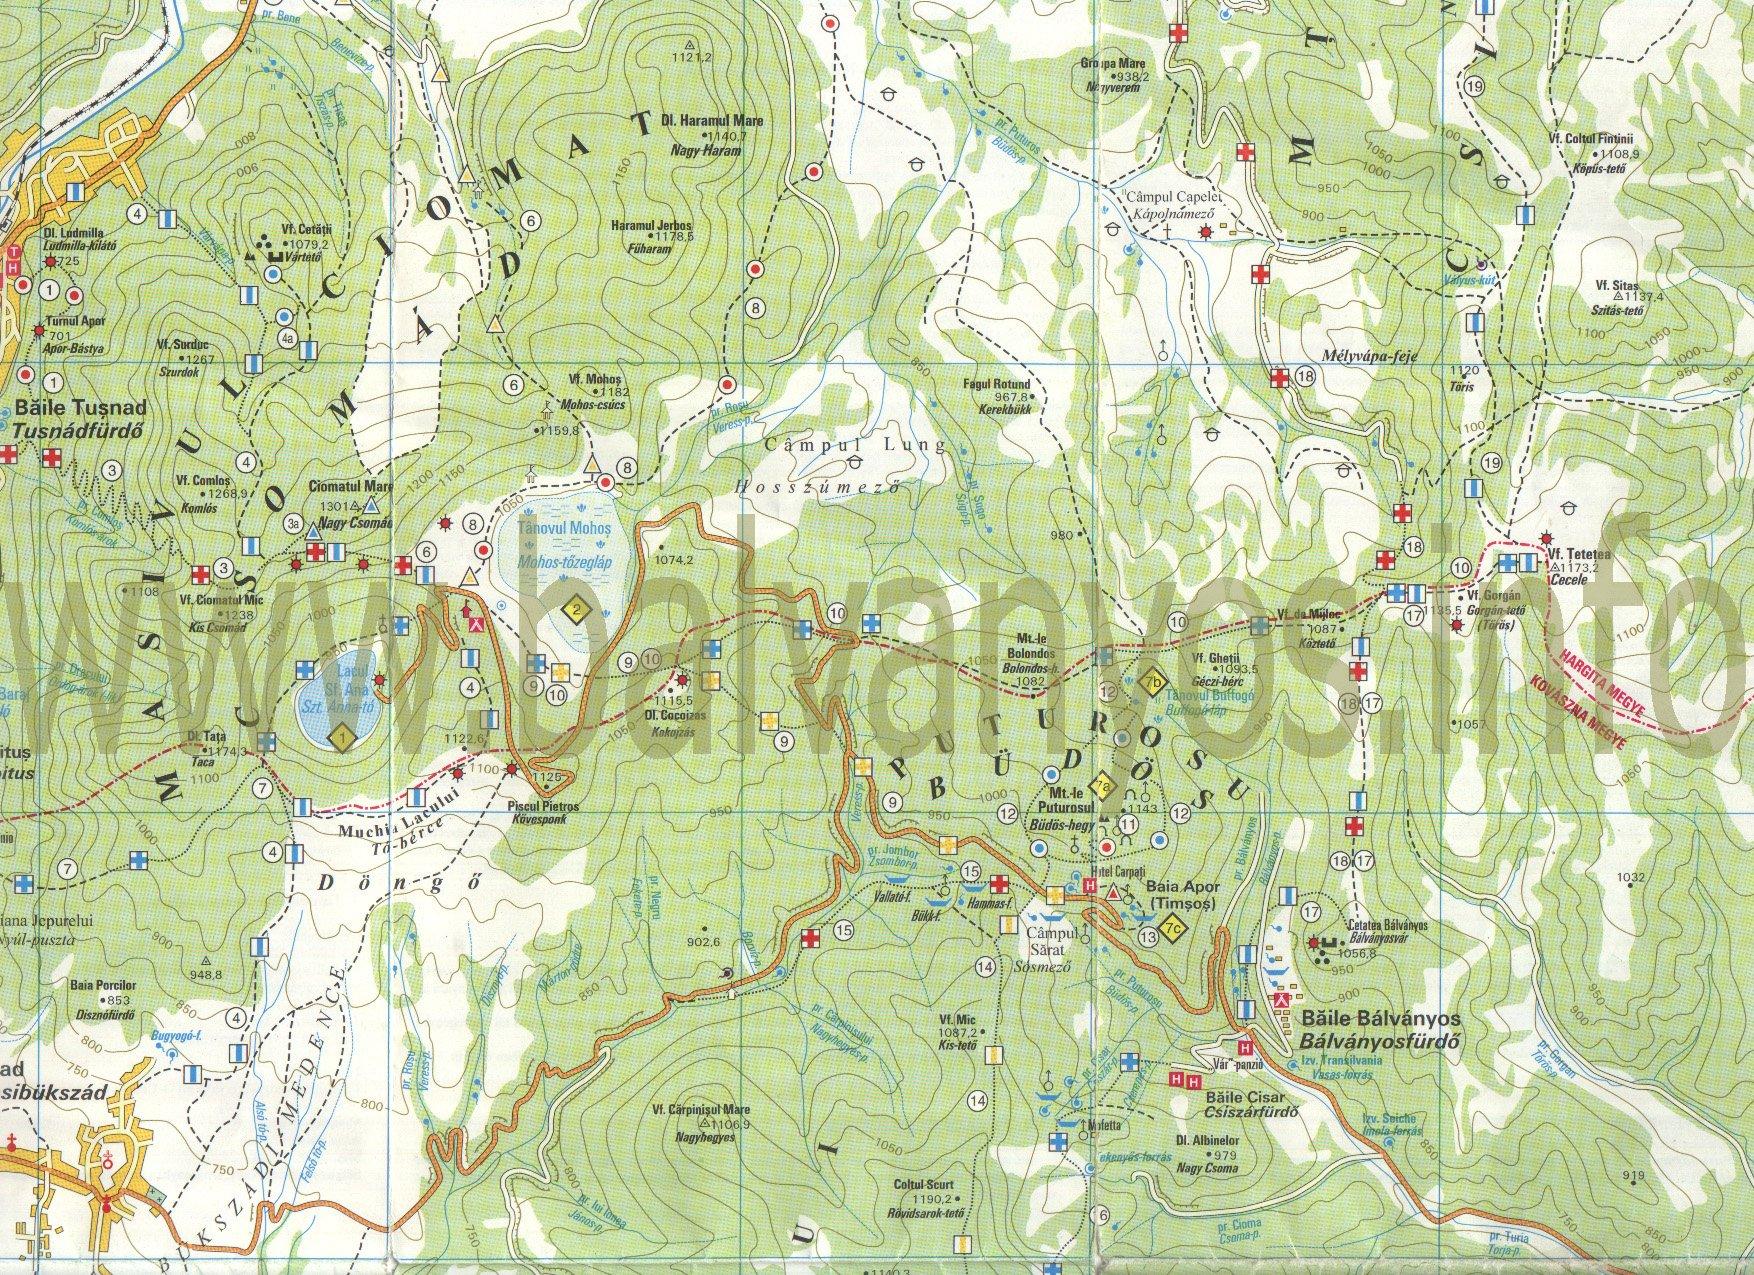 Bálványosfürdőturisztikai térképe - szállás